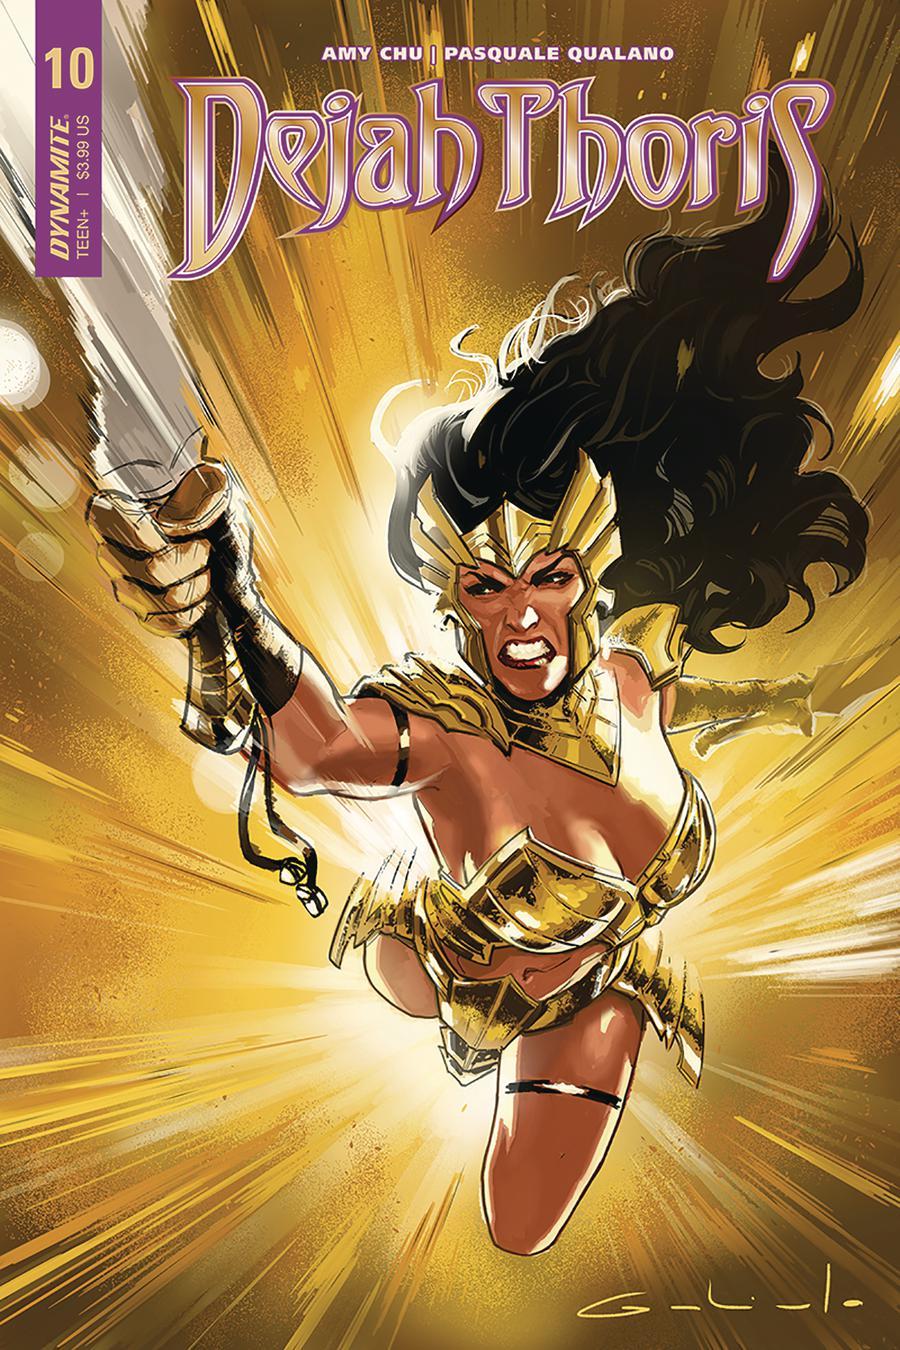 Dejah Thoris Vol 2 #10 Cover A Regular Diego Galindo Cover